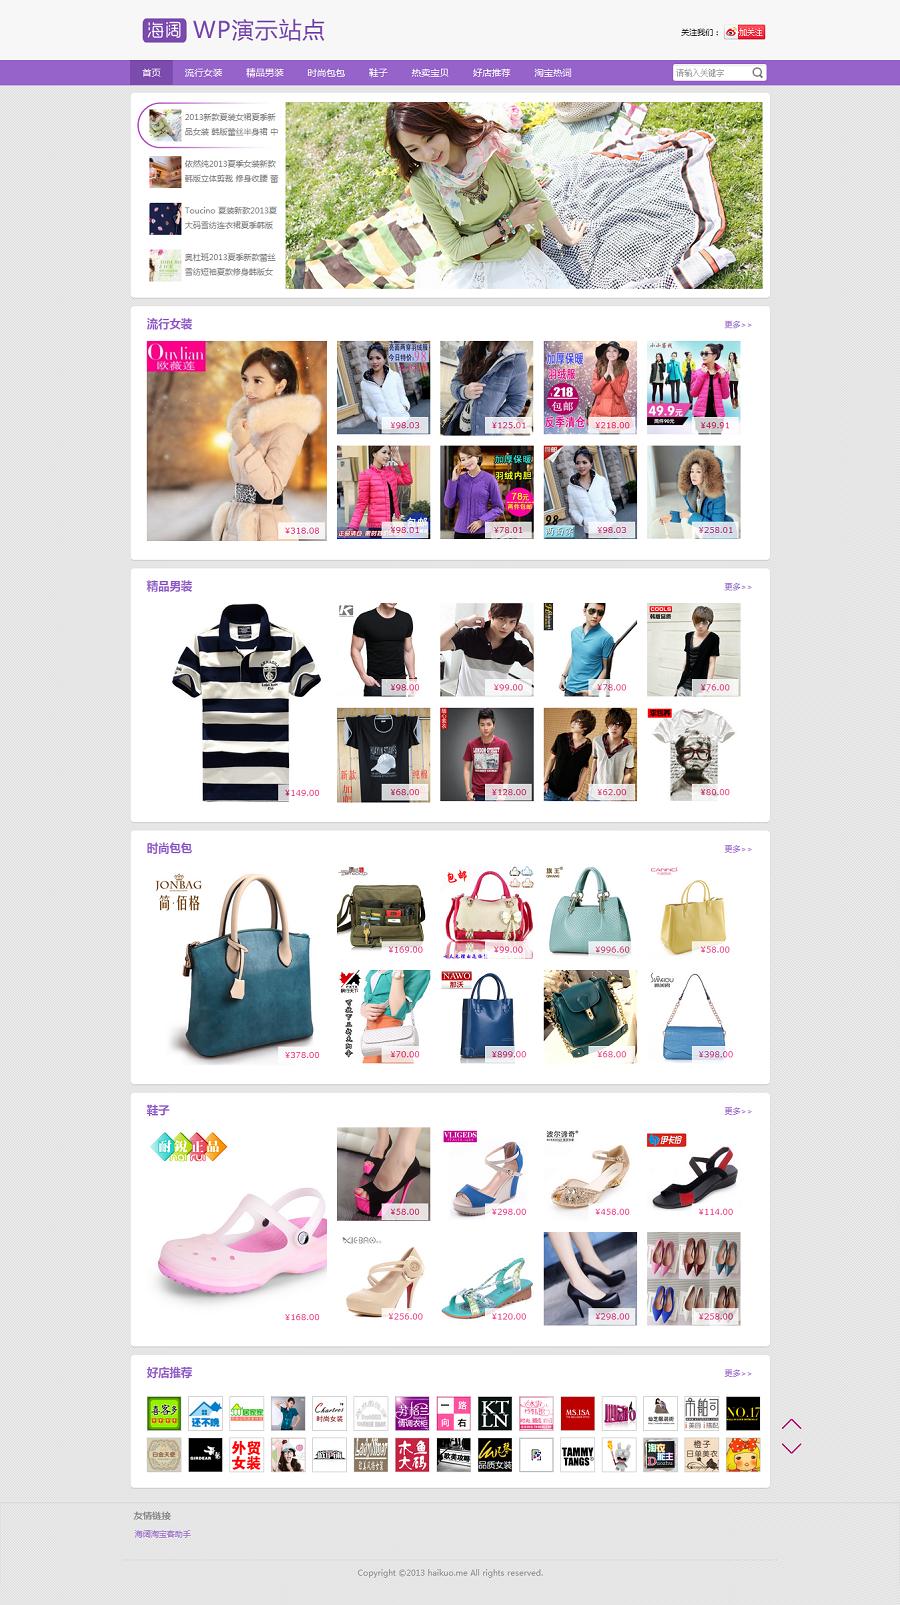 WordPress主题紫色清新WordPress淘宝客主题 购物分享类主题